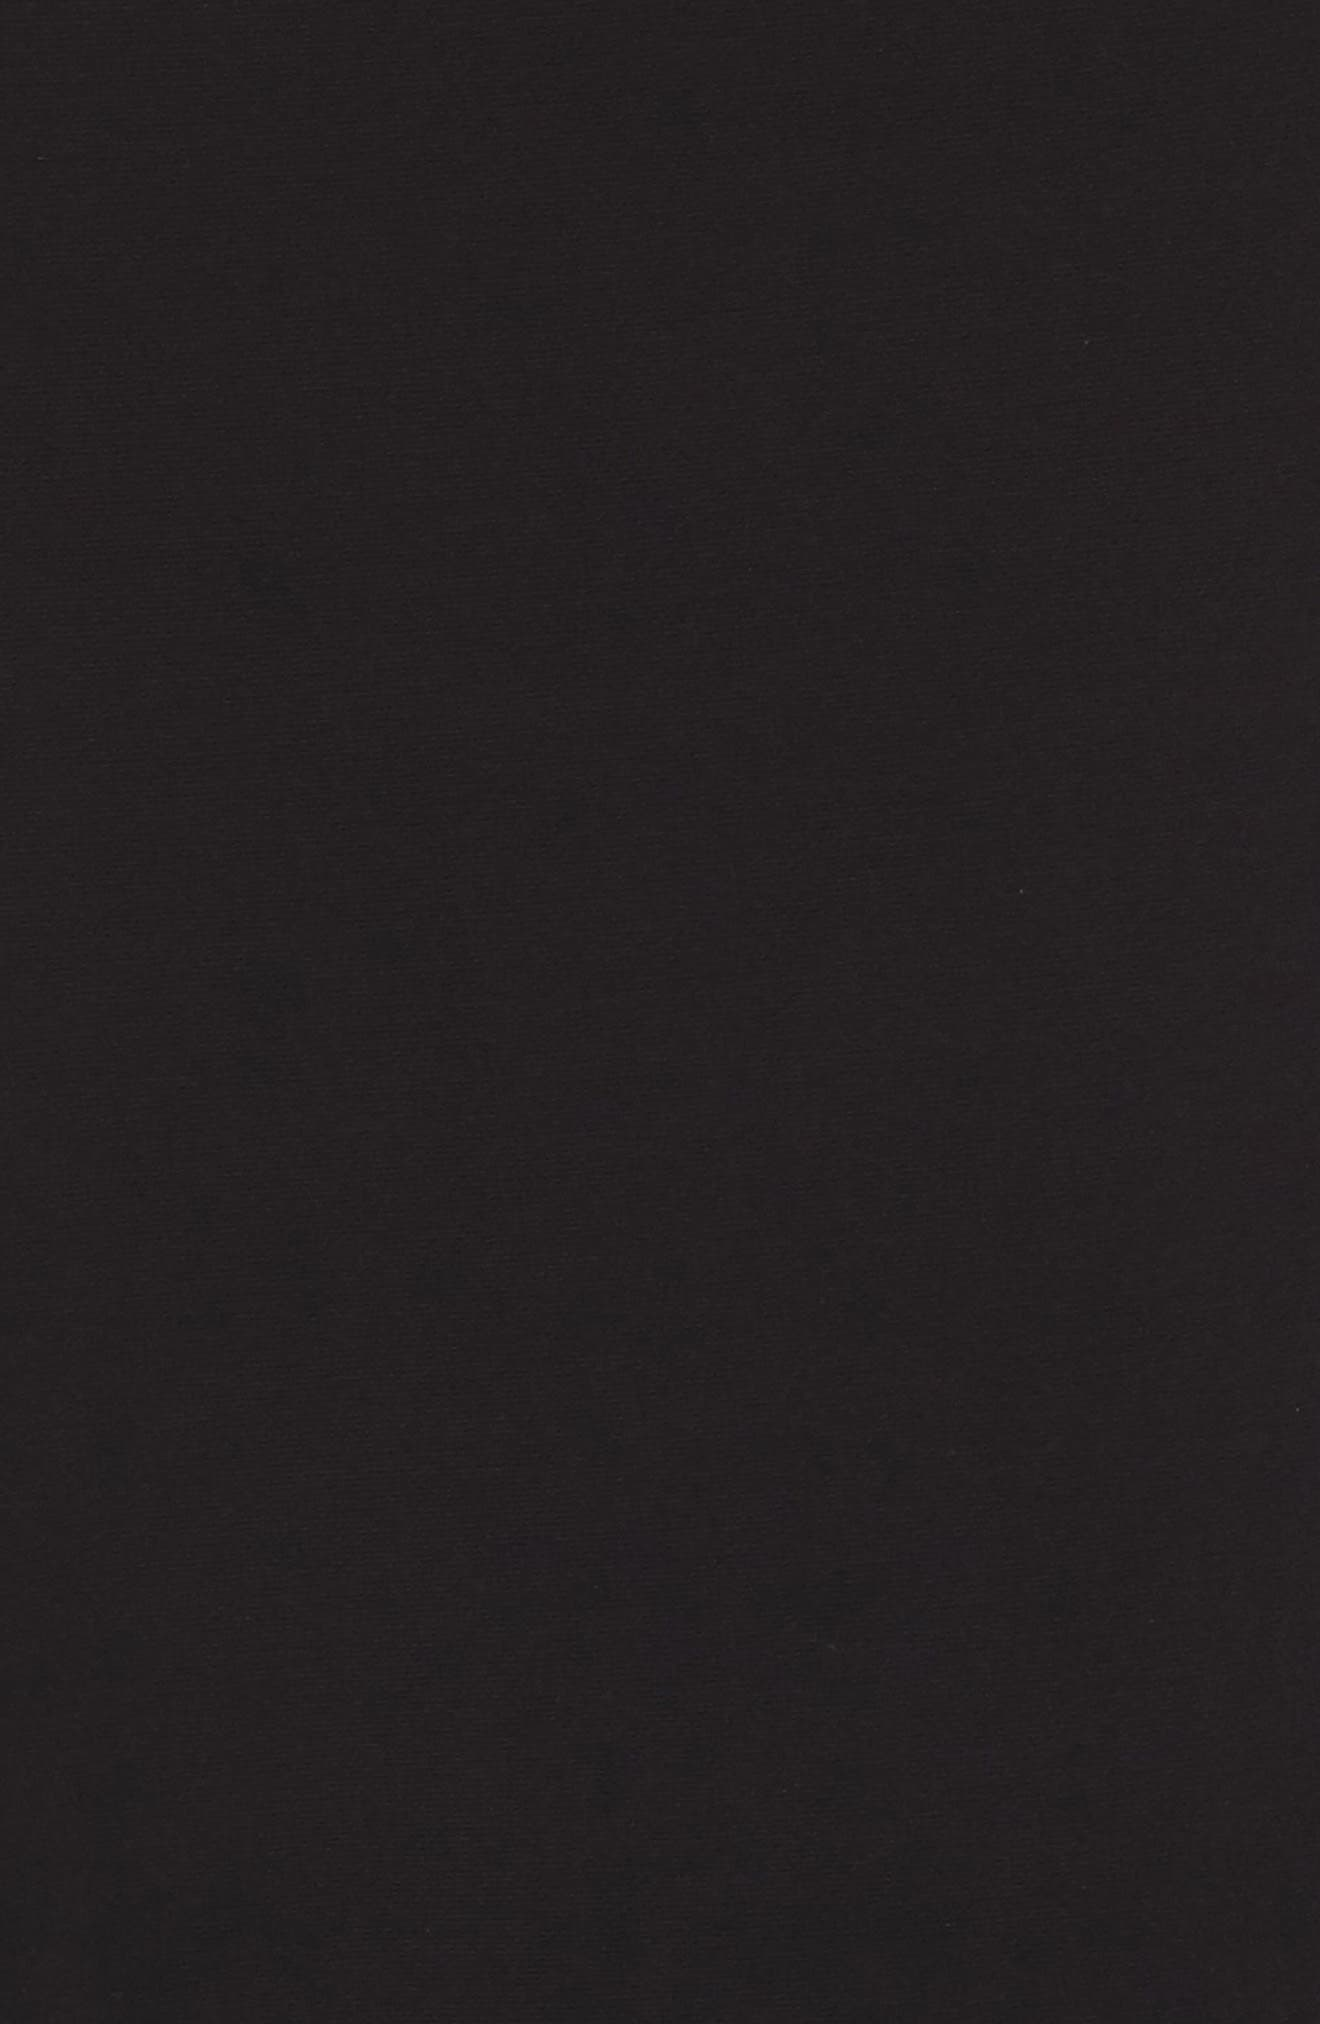 Cold Shoulder A-Line Gown,                             Alternate thumbnail 5, color,                             001